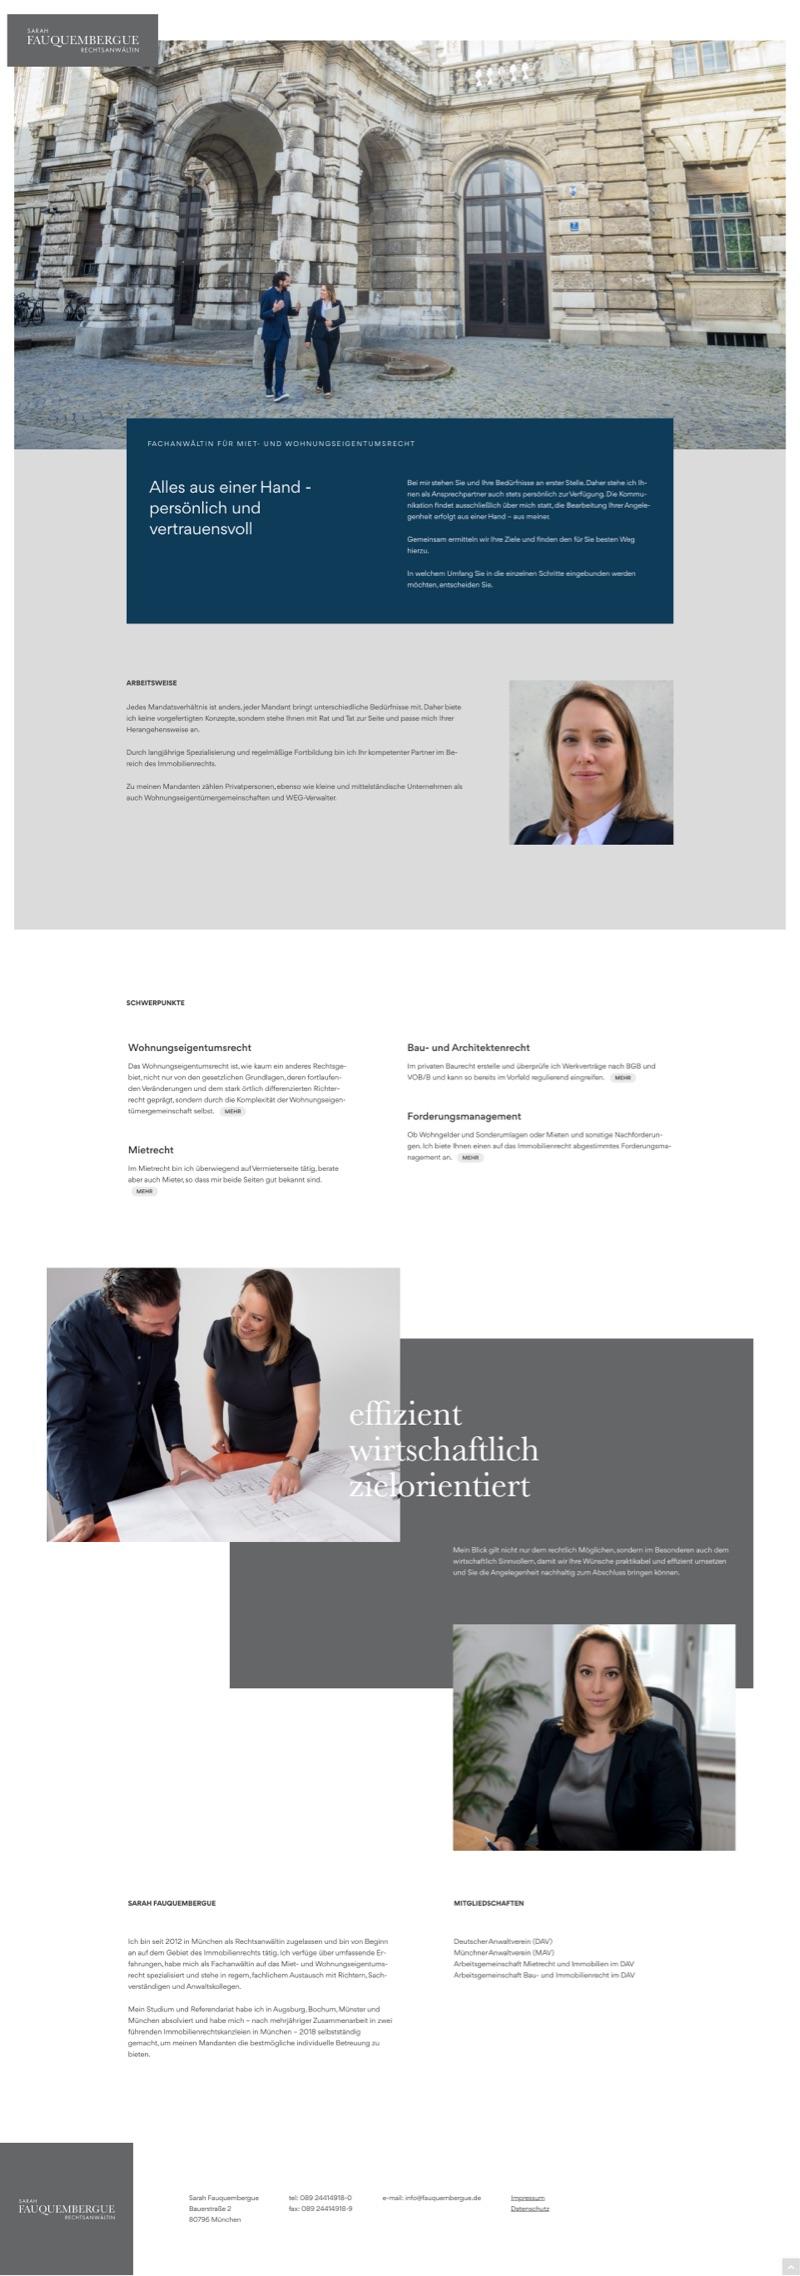 Webdesign München für Fachanwältin für Mietrecht